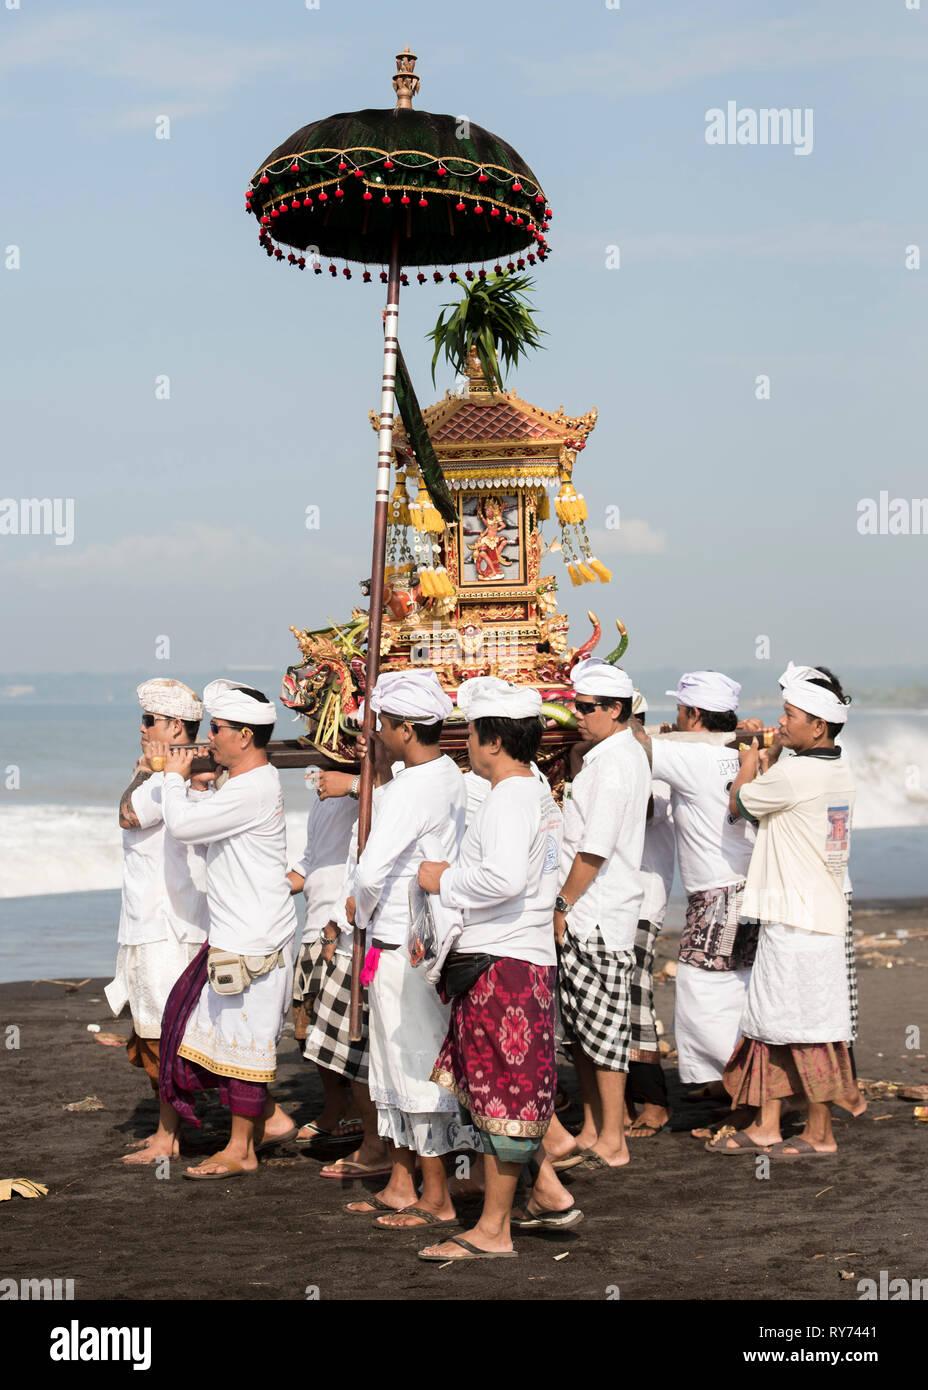 Gli uomini in abiti tradizionali che trasportano palanquin mentre passeggiate in spiaggia contro il cielo durante la giornata di sole Immagini Stock